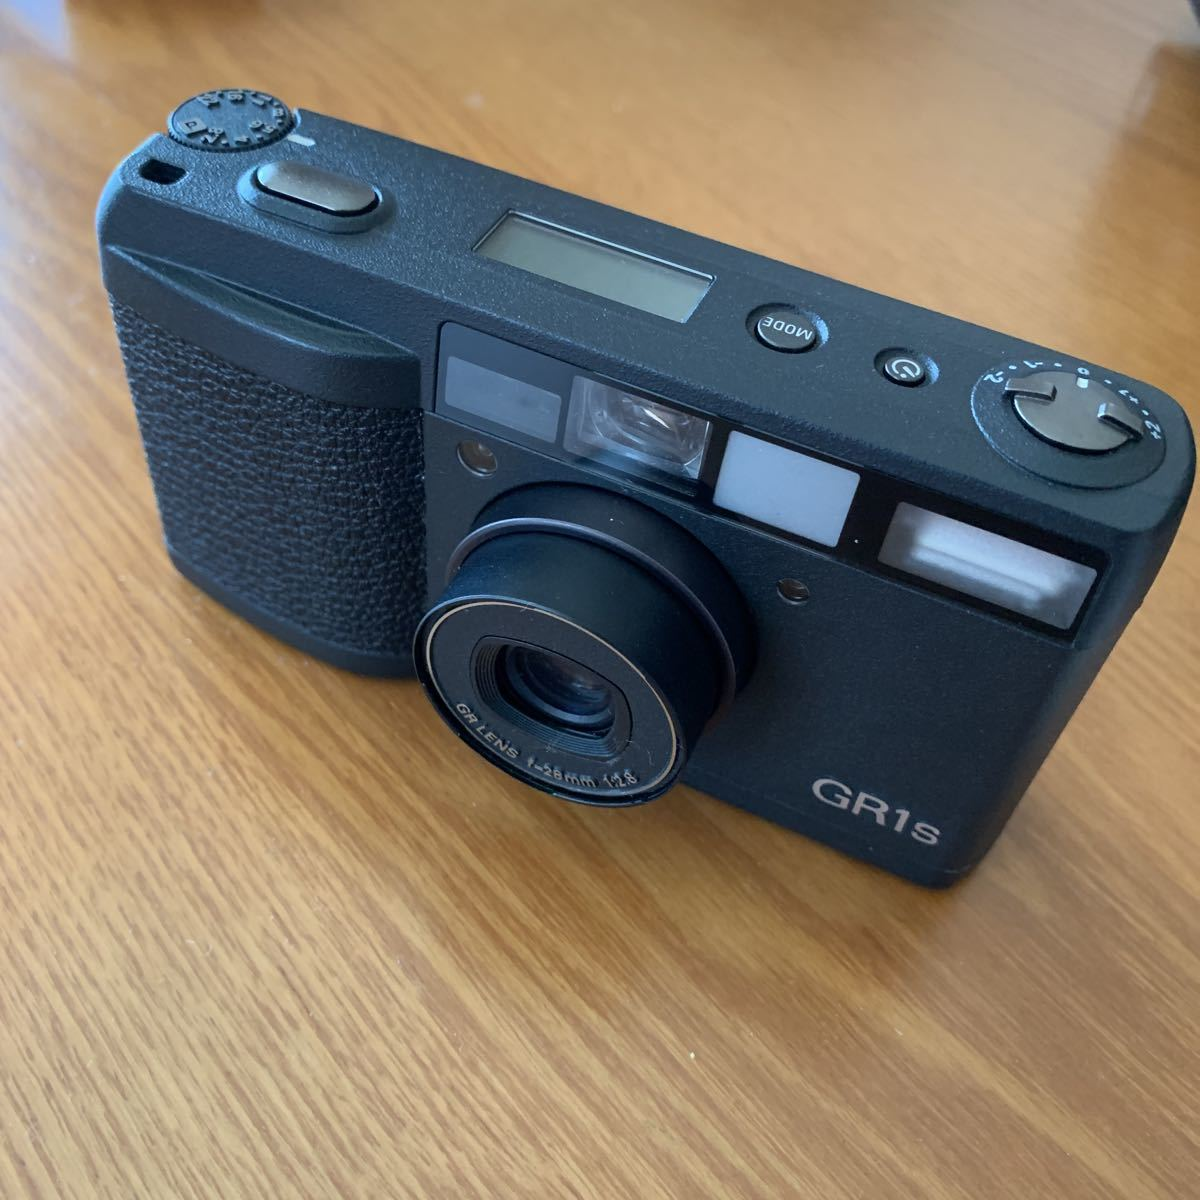 リコー Ricoh フィルム コンパクトカメラ GR1s 中古美品_画像2